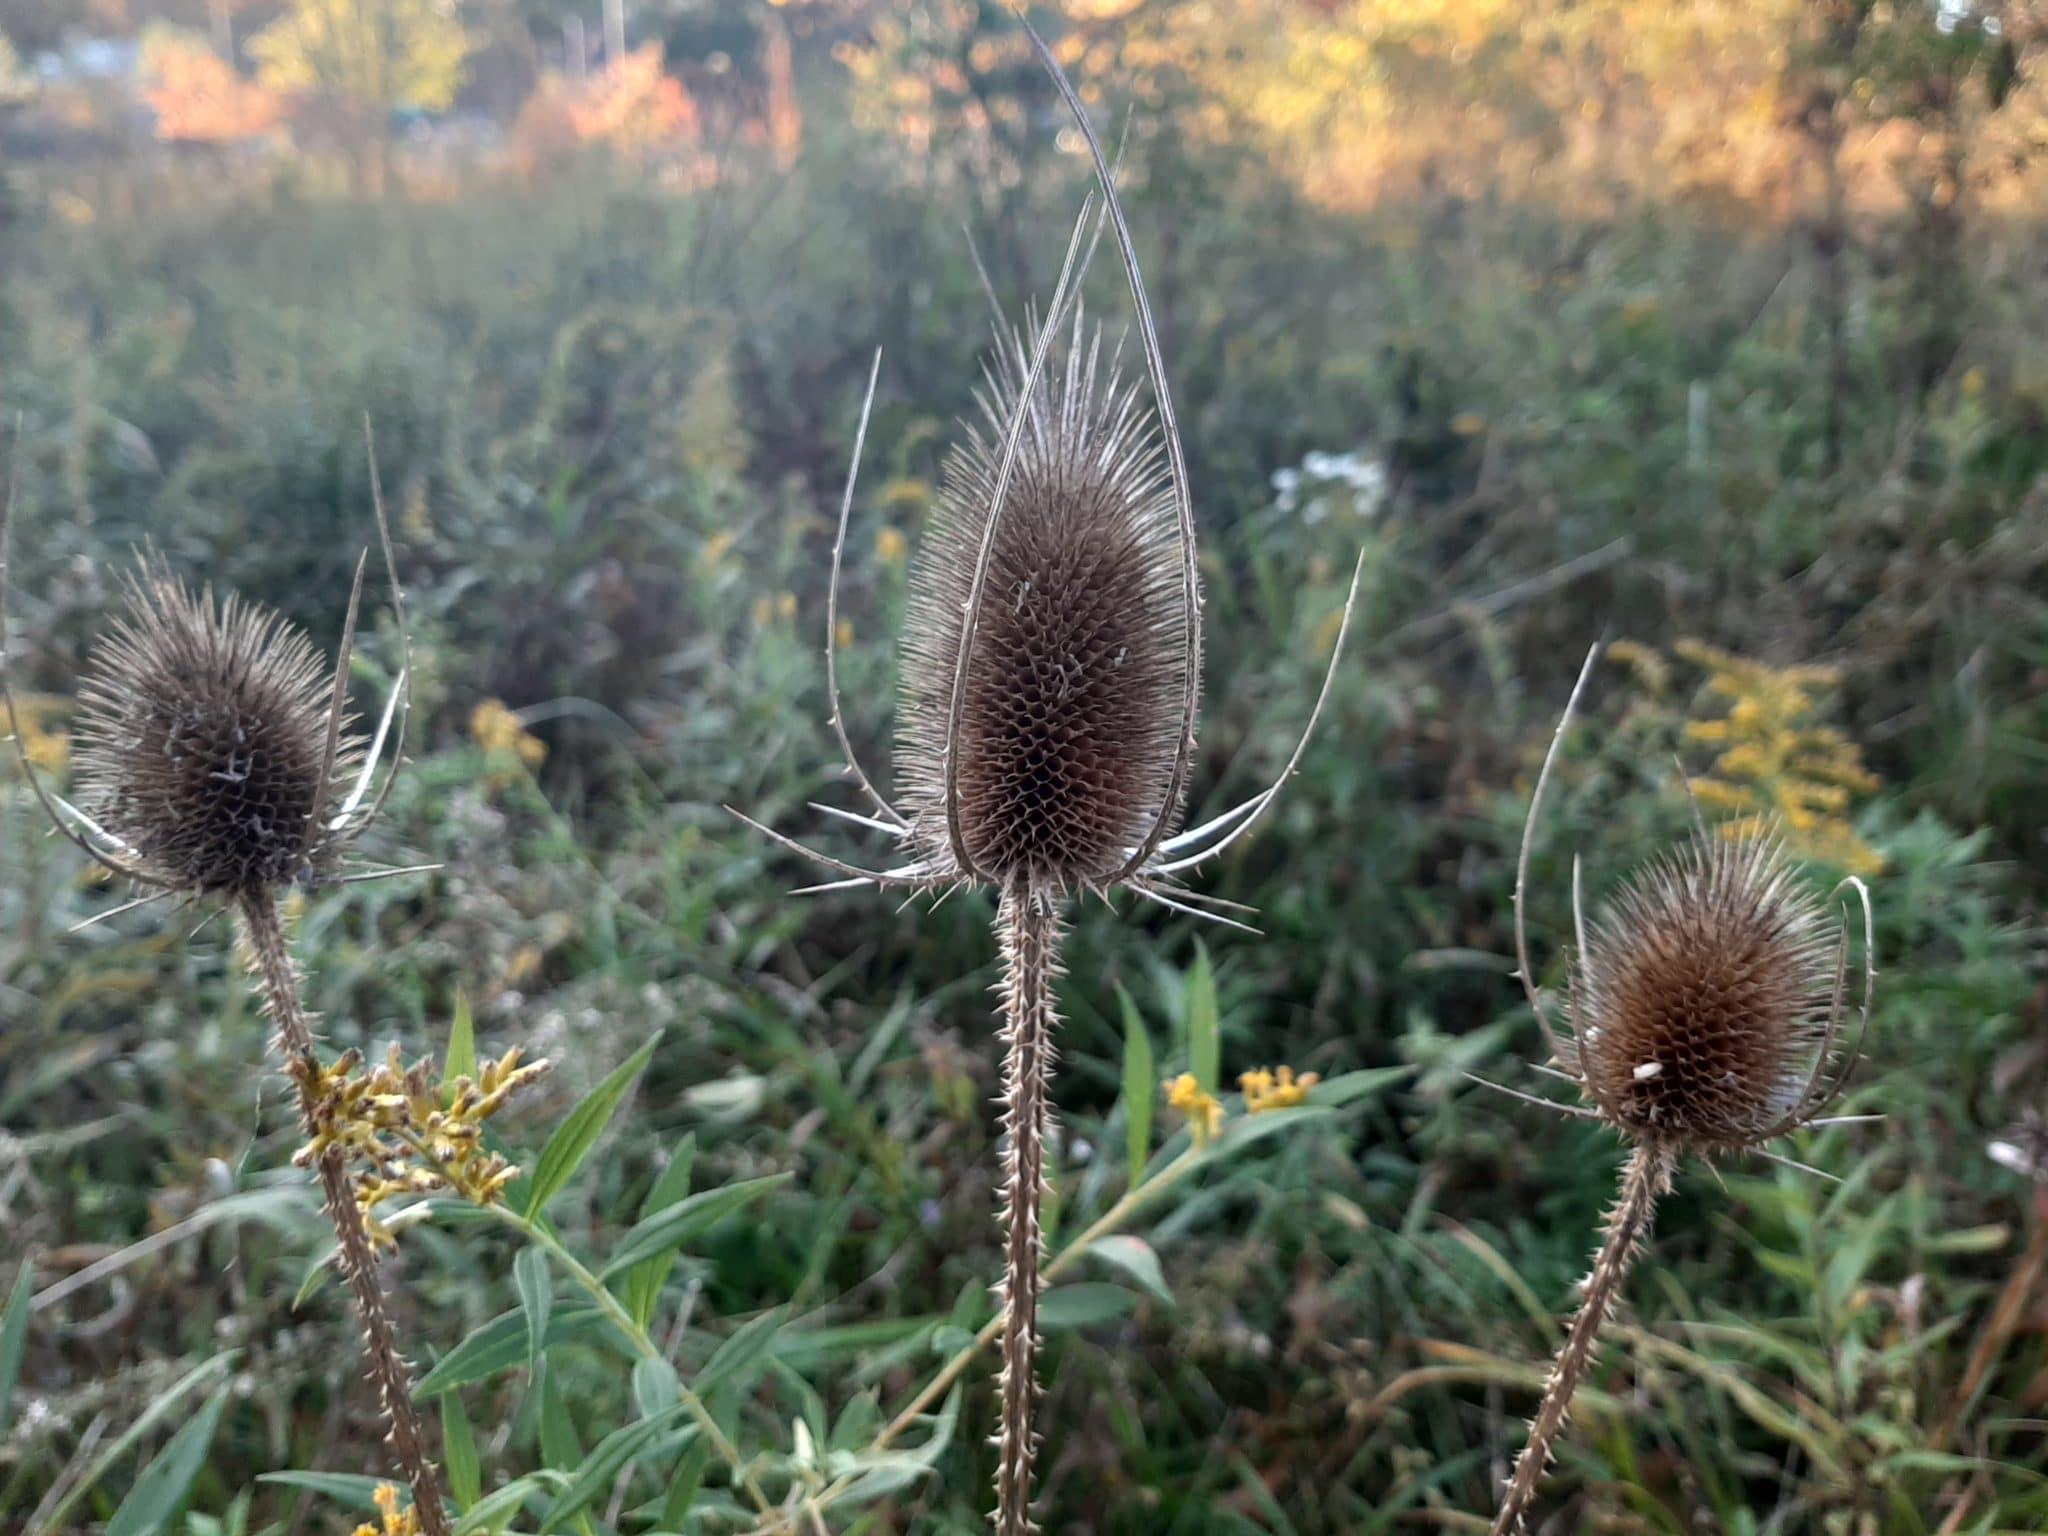 Teasels in a field